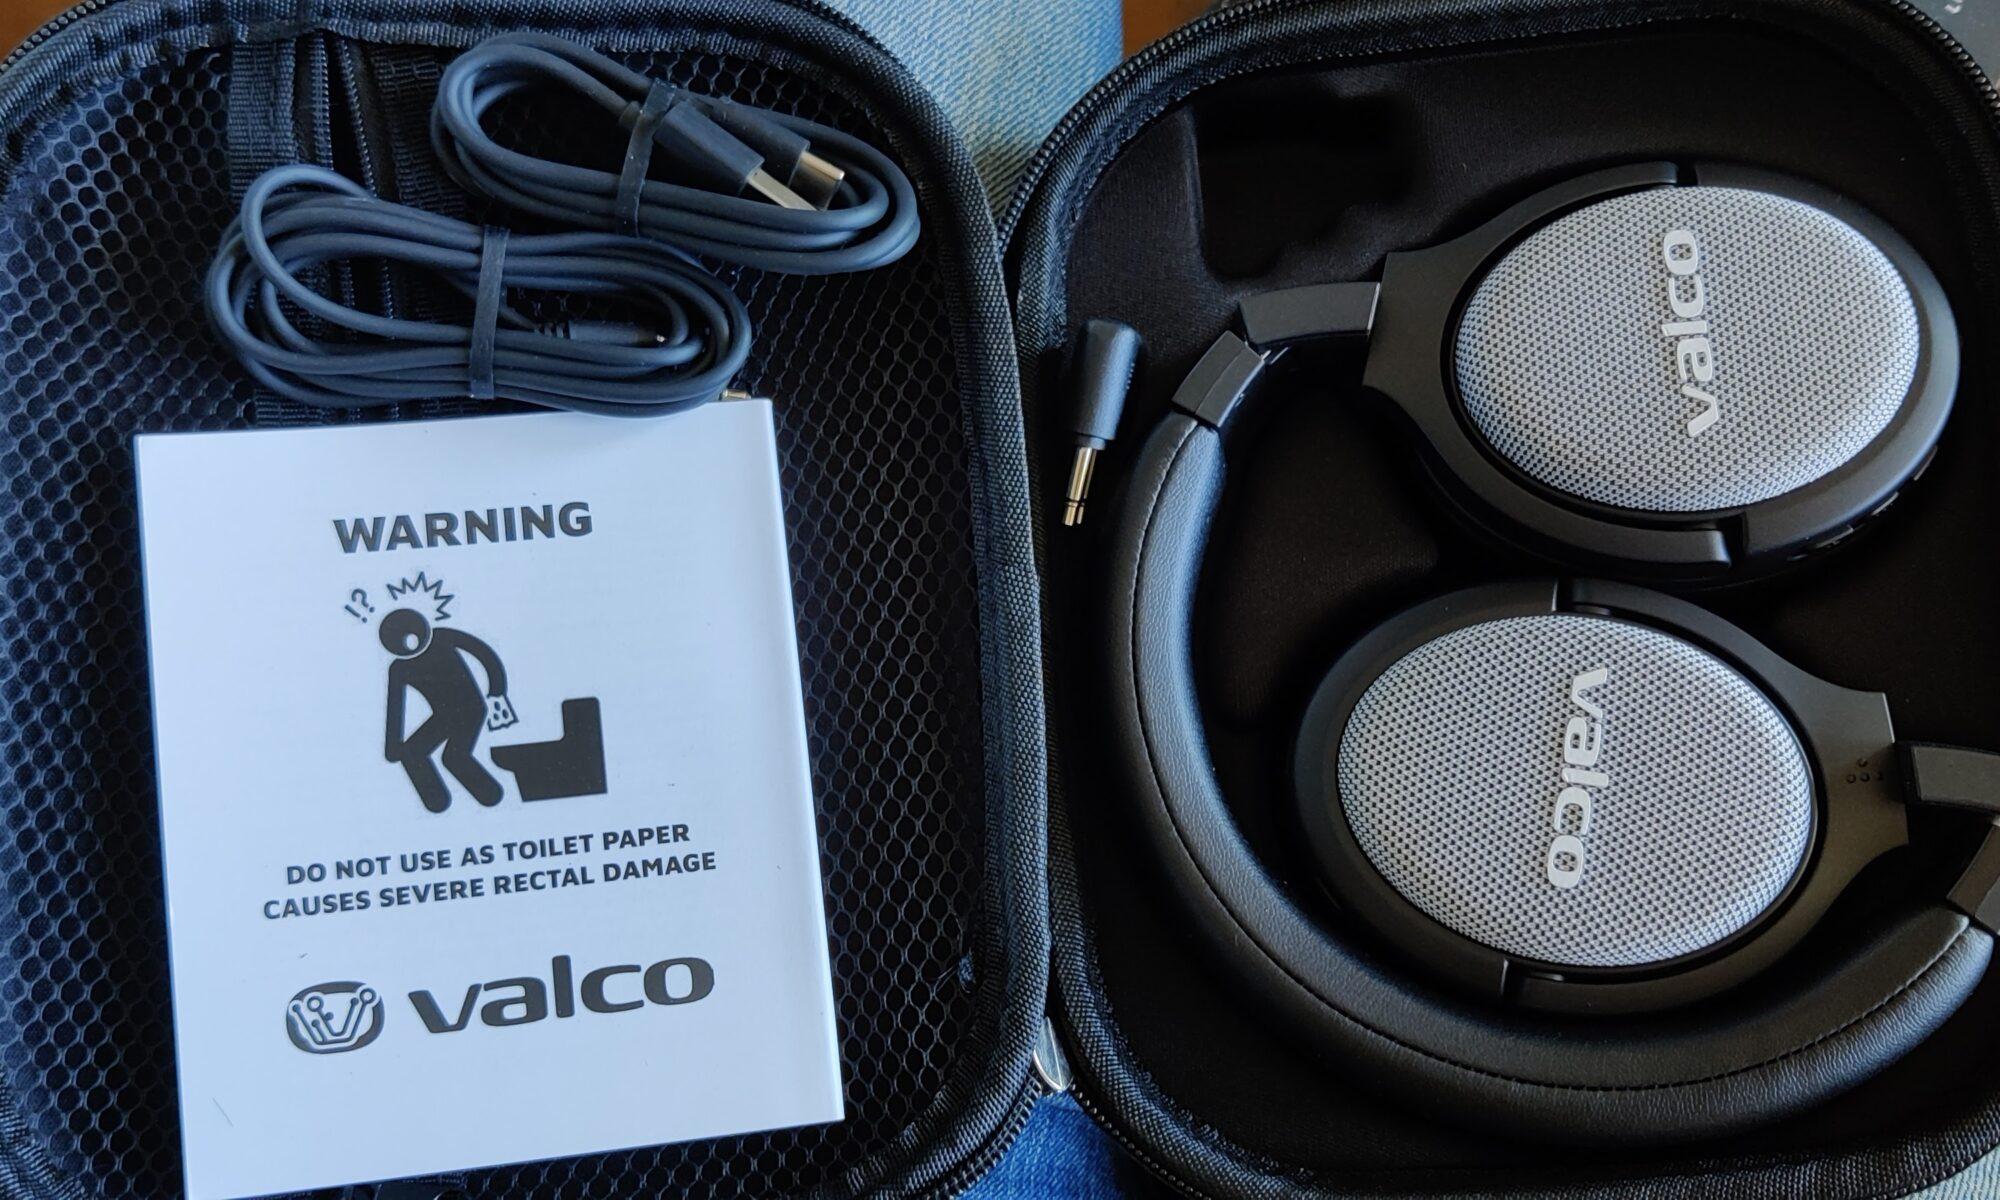 Valco VMK20 headphones in open packaging